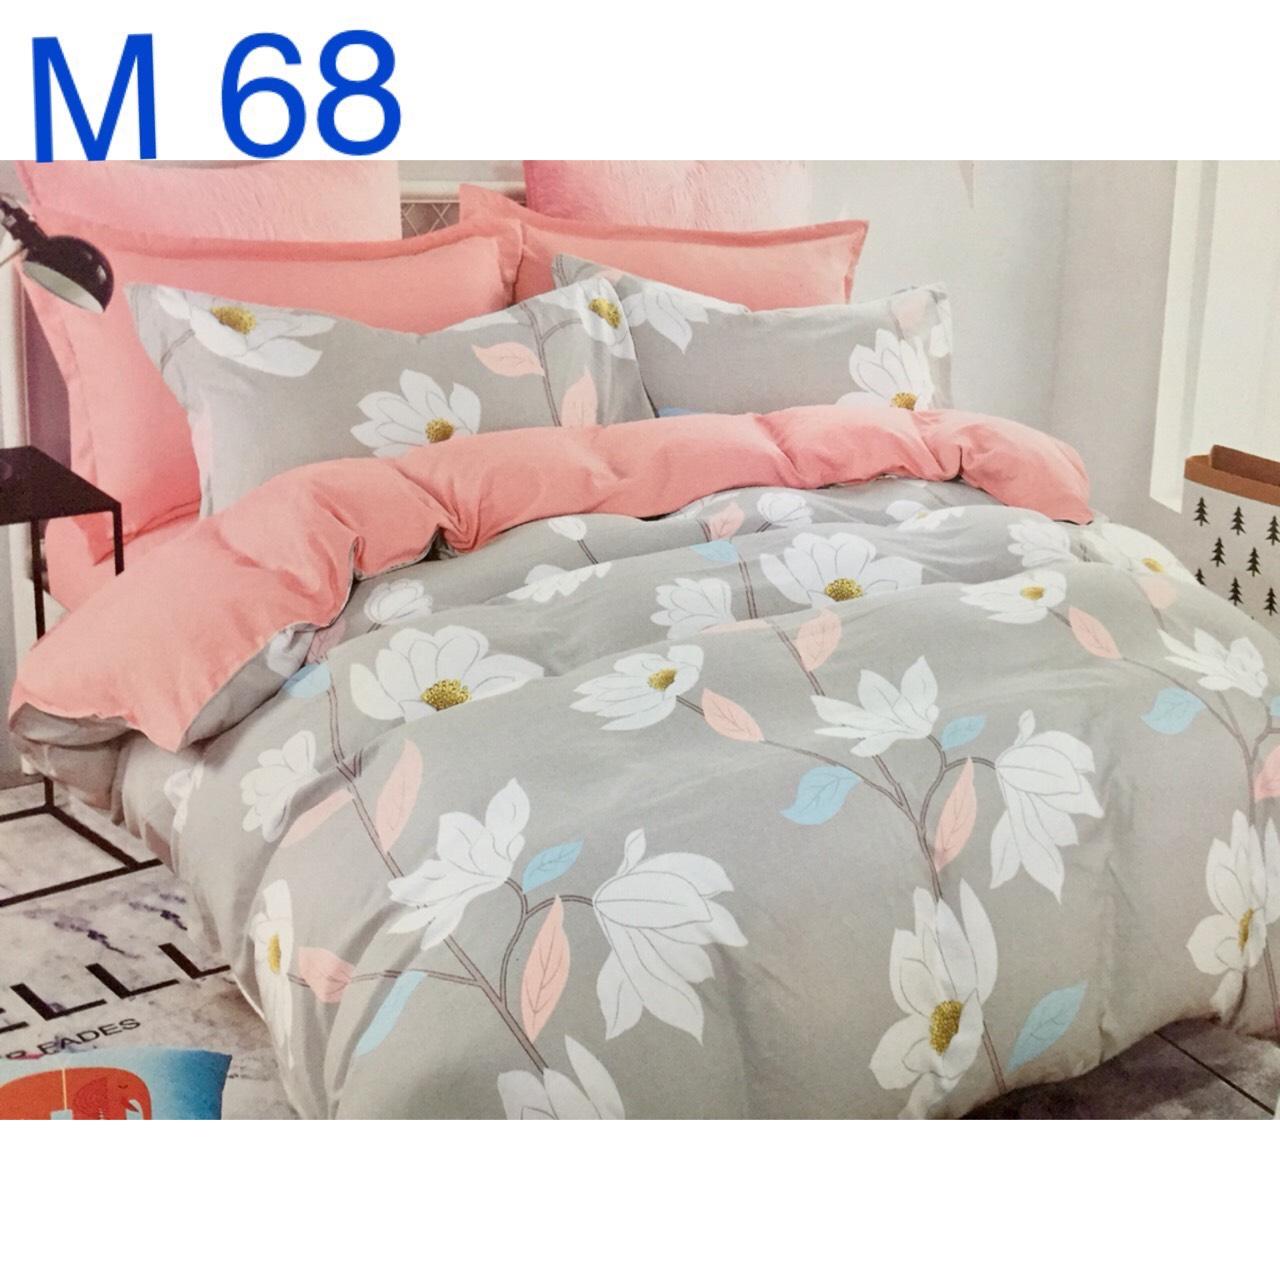 Bộ Chăn Ga Cotton Đũi Loại 1 Hàn Quốc - M68